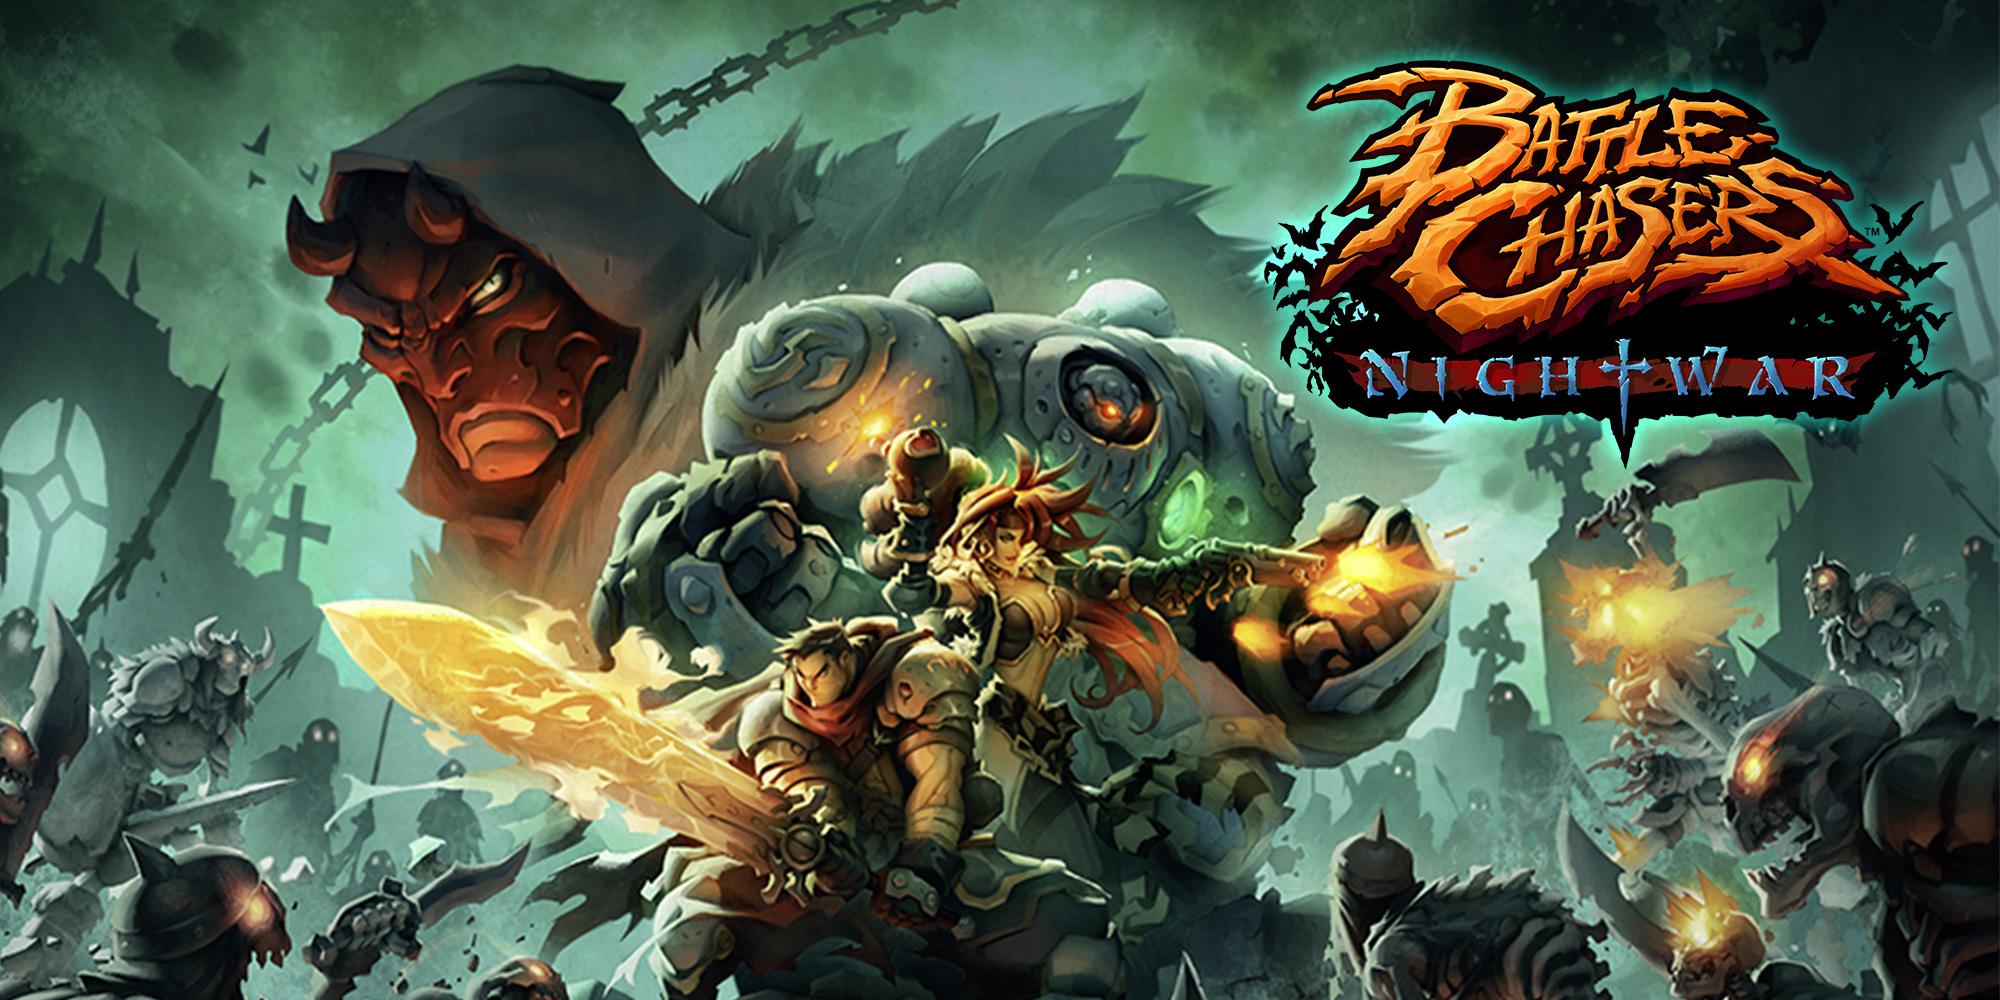 Versão de Battle Chaser: Nightwar para Nintendo Switch foi oficialmente adiada